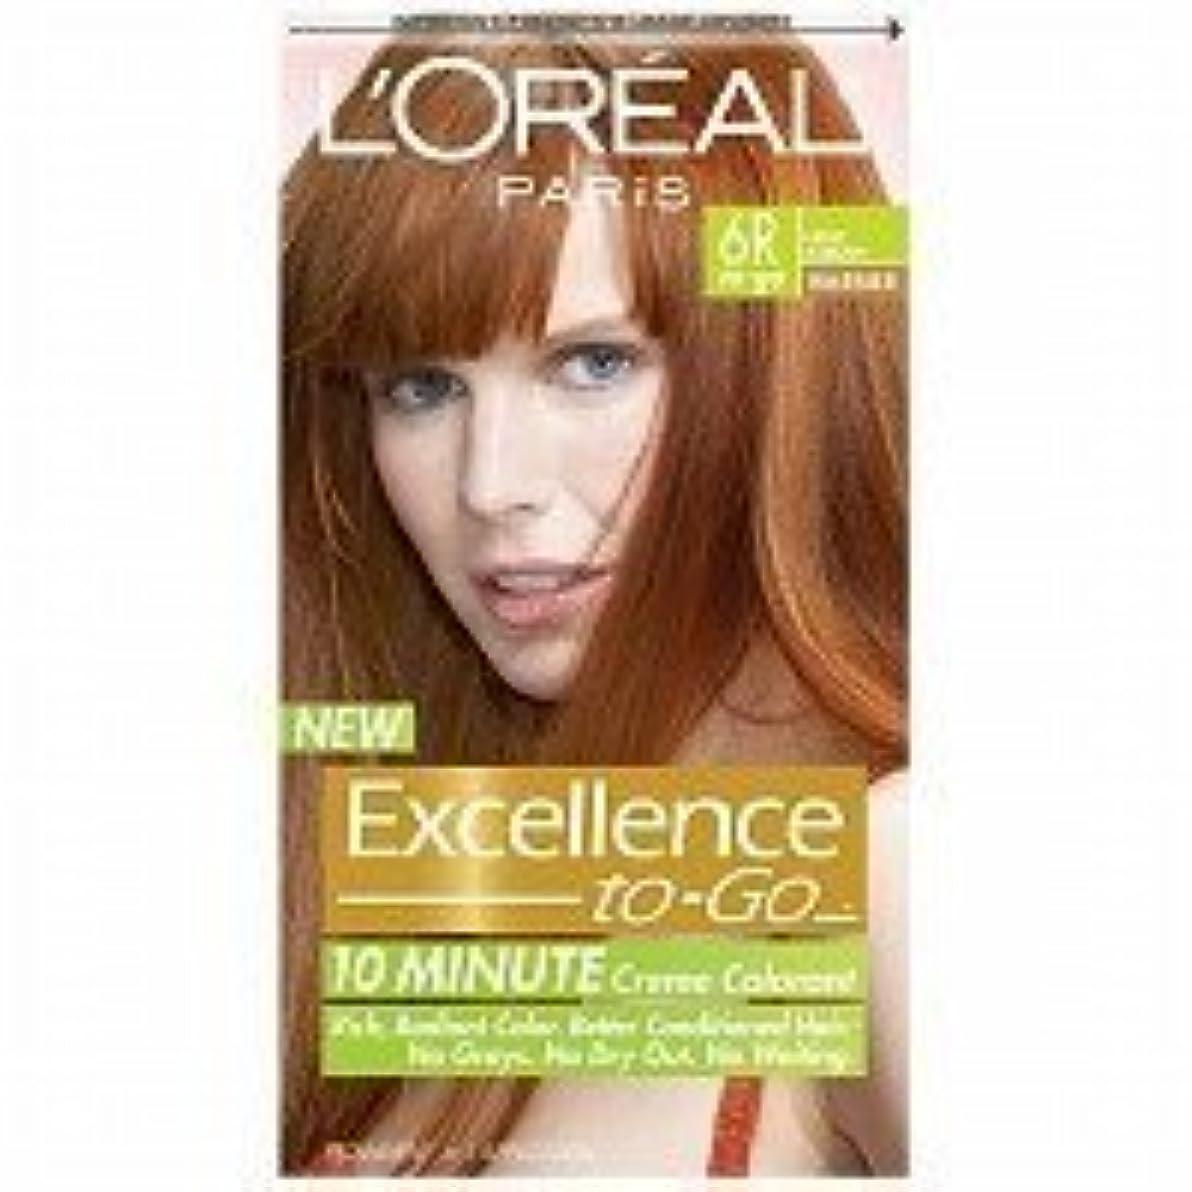 爆発クリエイティブ姉妹L'Oreal Paris Excellence To-Go 10-Minute Cr?N?Nme Coloring, Light Auburn 6R by L'Oreal Paris Hair Color [並行輸入品]